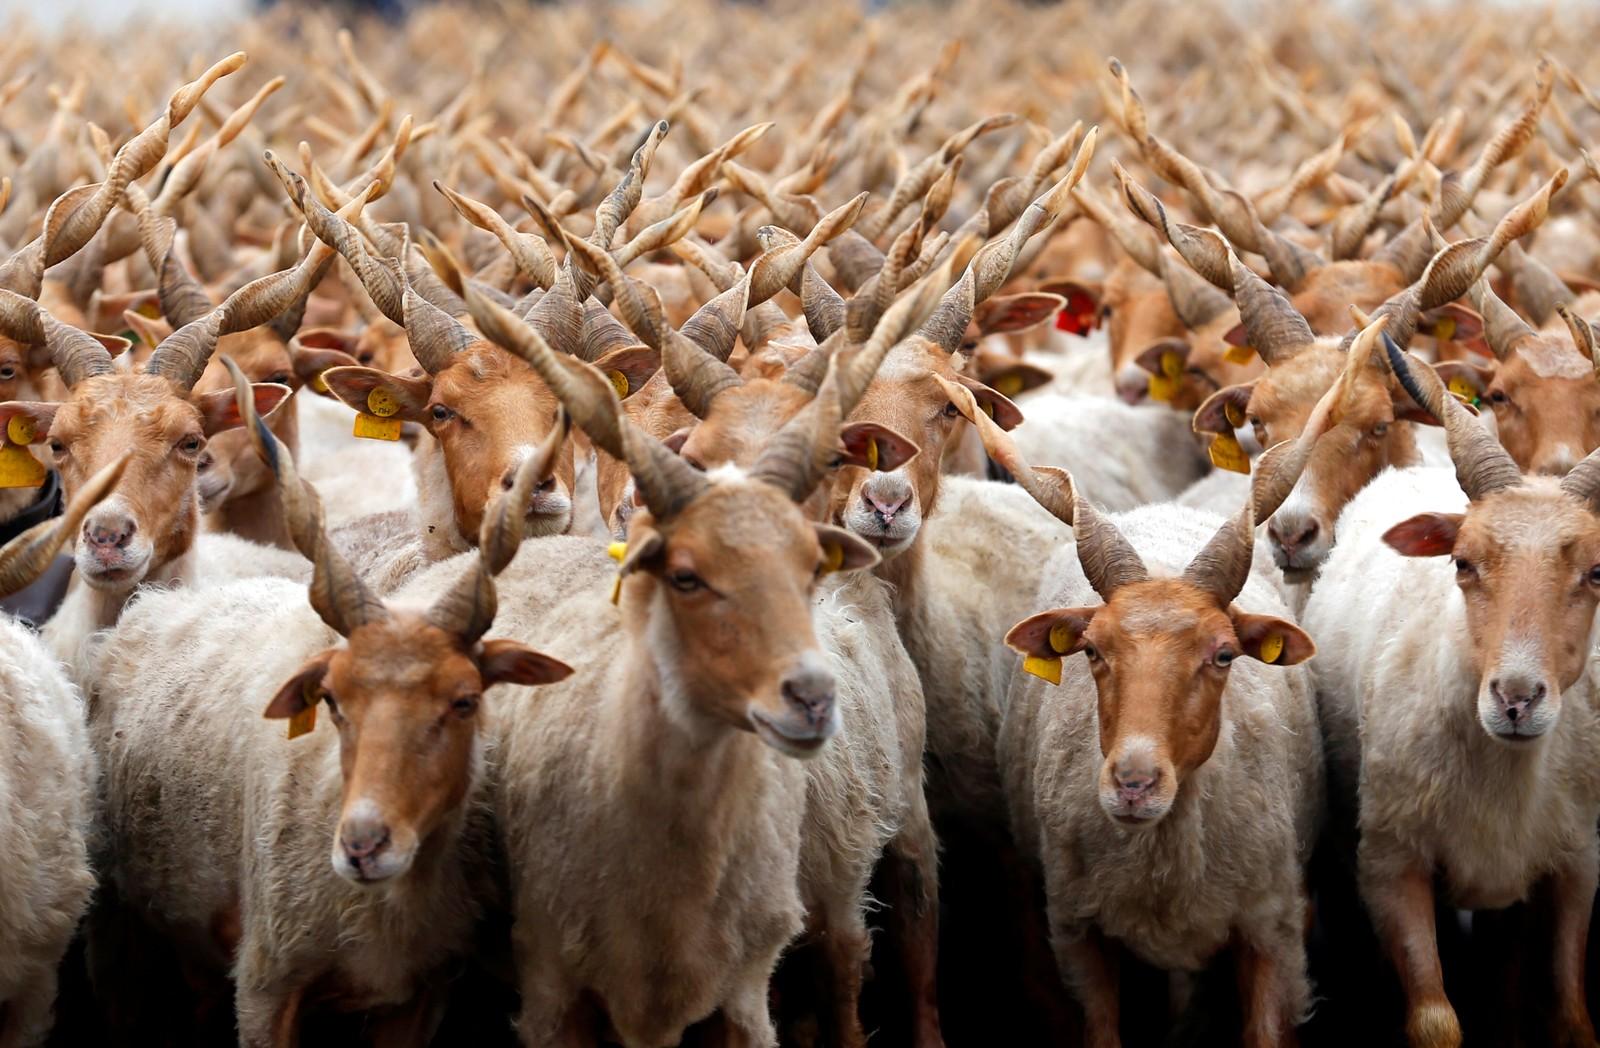 De såkalte skruhornsauene innleder en ny beitesesong i Hortobágy, Ungarn.